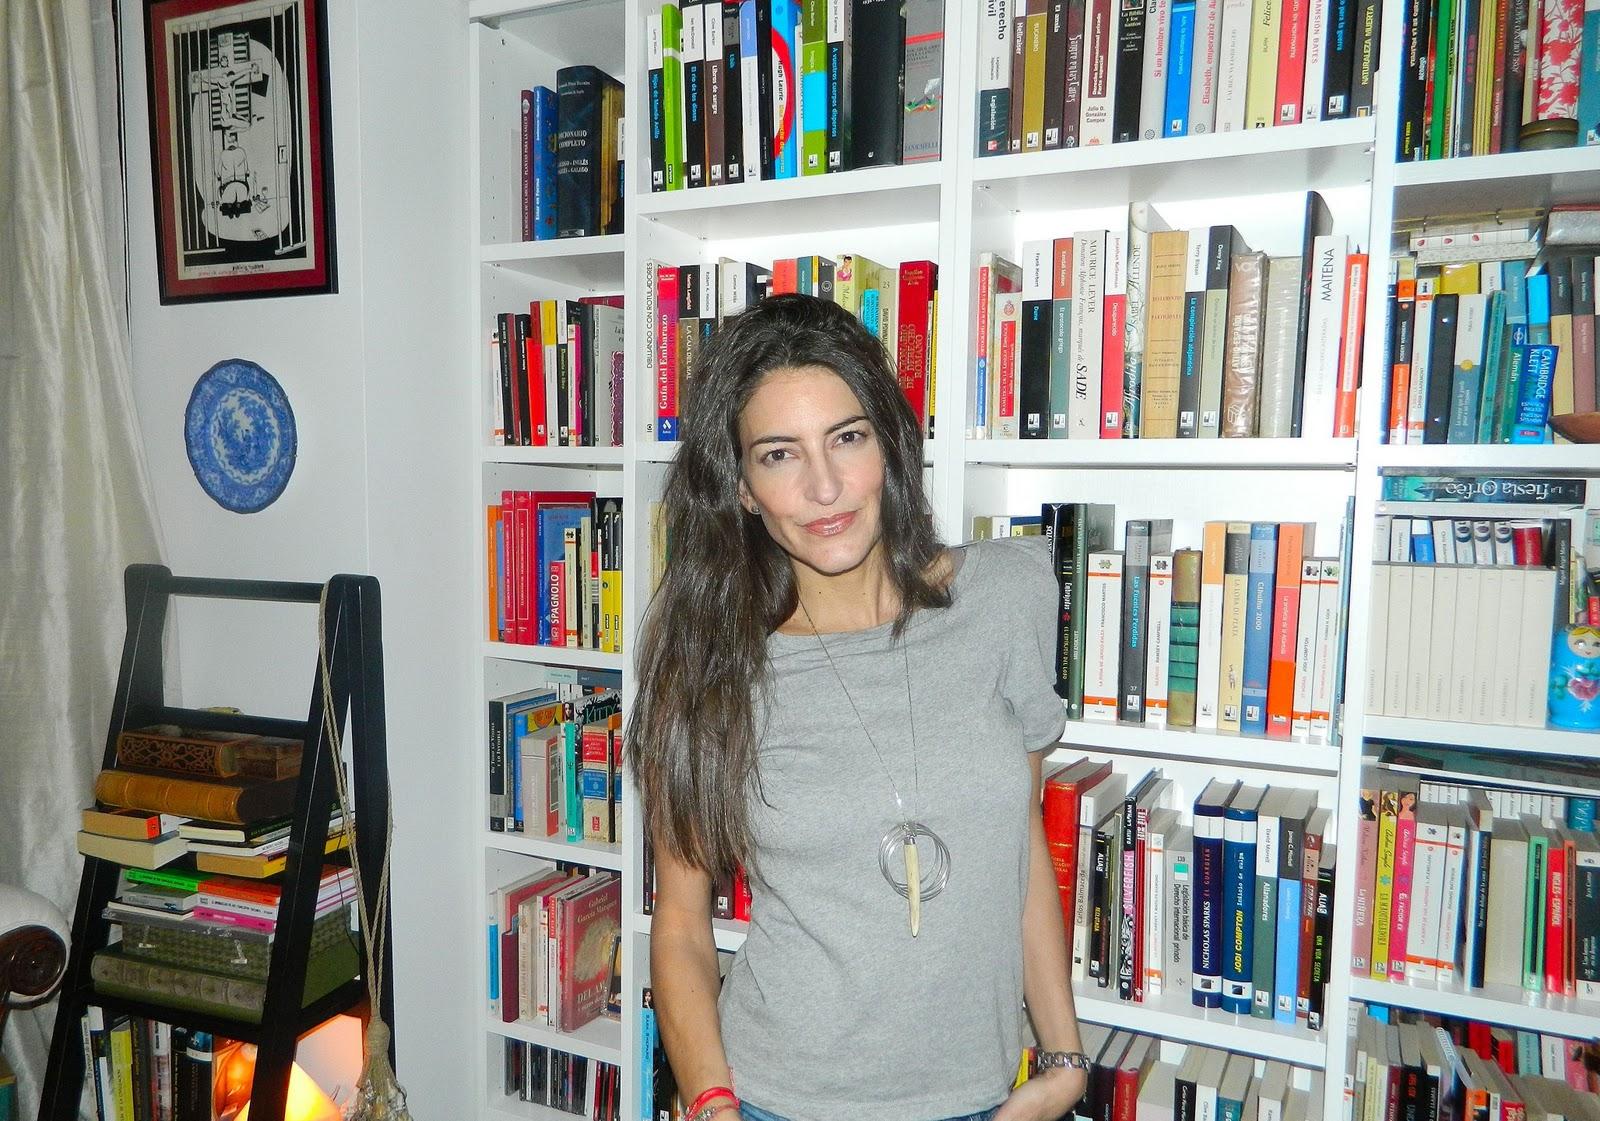 f6ca9f45d El Purgatorio de Sylvie Tartán: Entrevista para Paperblog con motivo ...